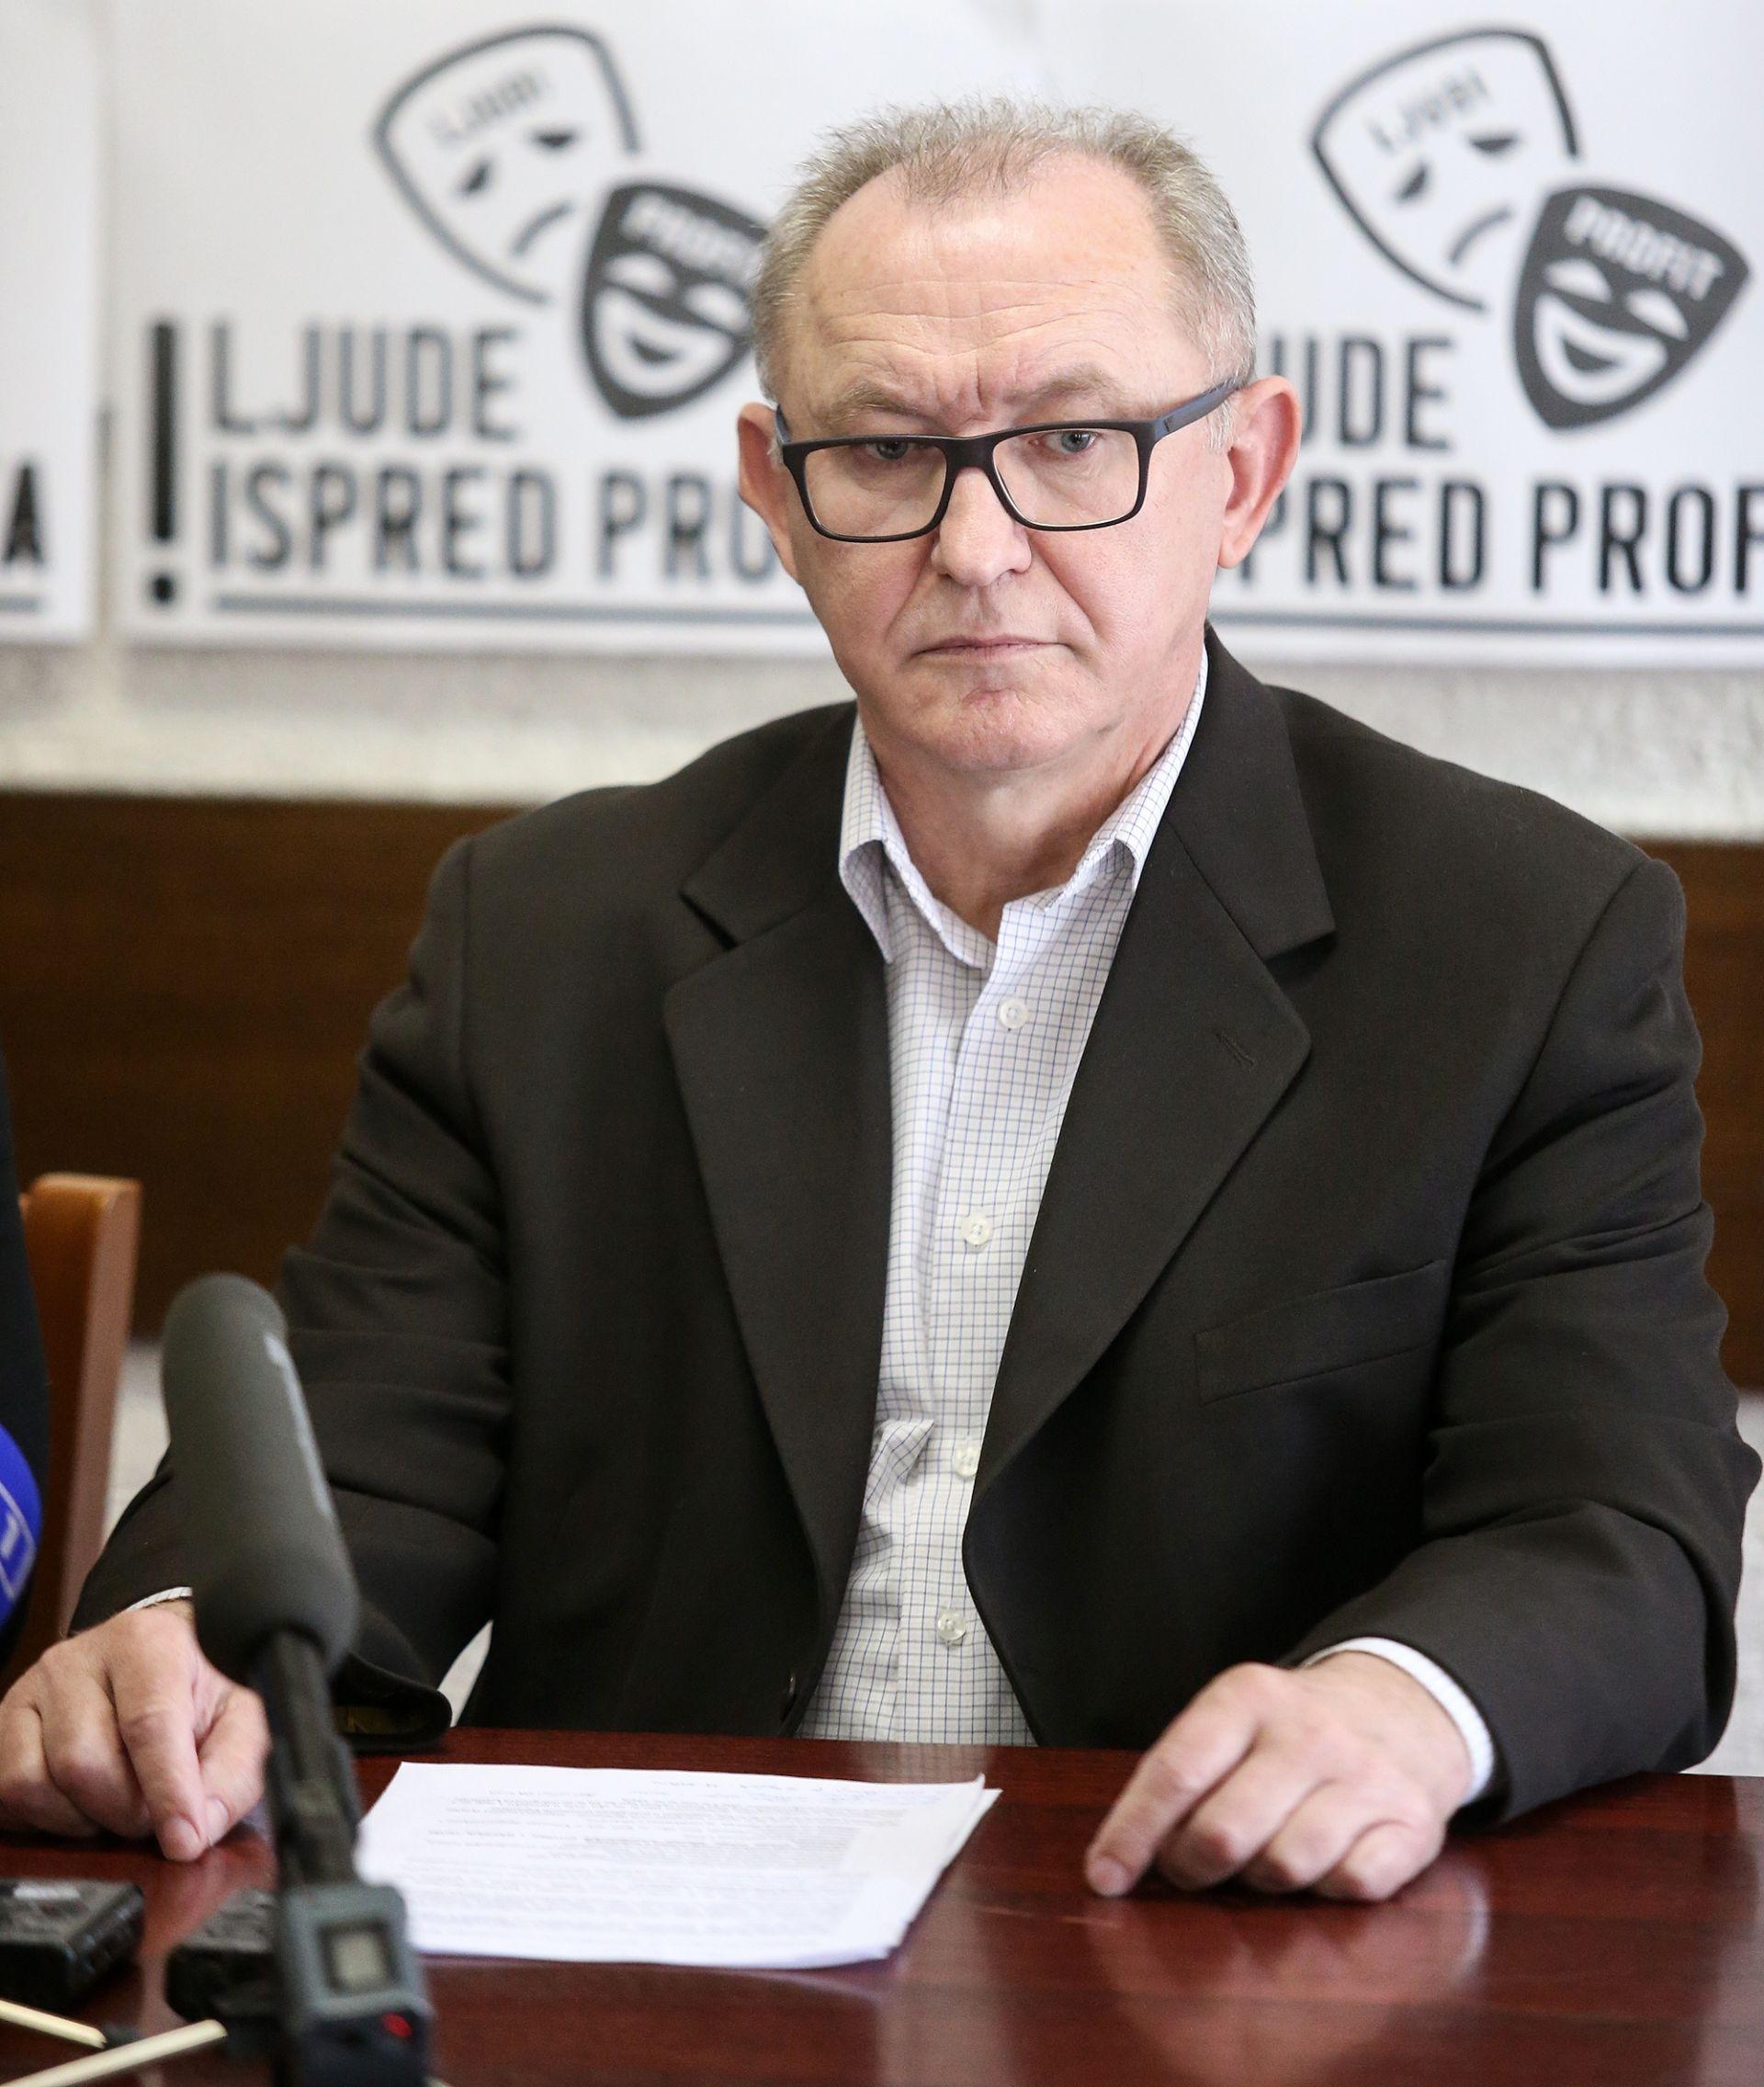 PREGOVORI VLADE I SINDIKATA Topolnjak: 'Nismo dogovorili ništa, osporavaju pravnu valjanost sporazuma'